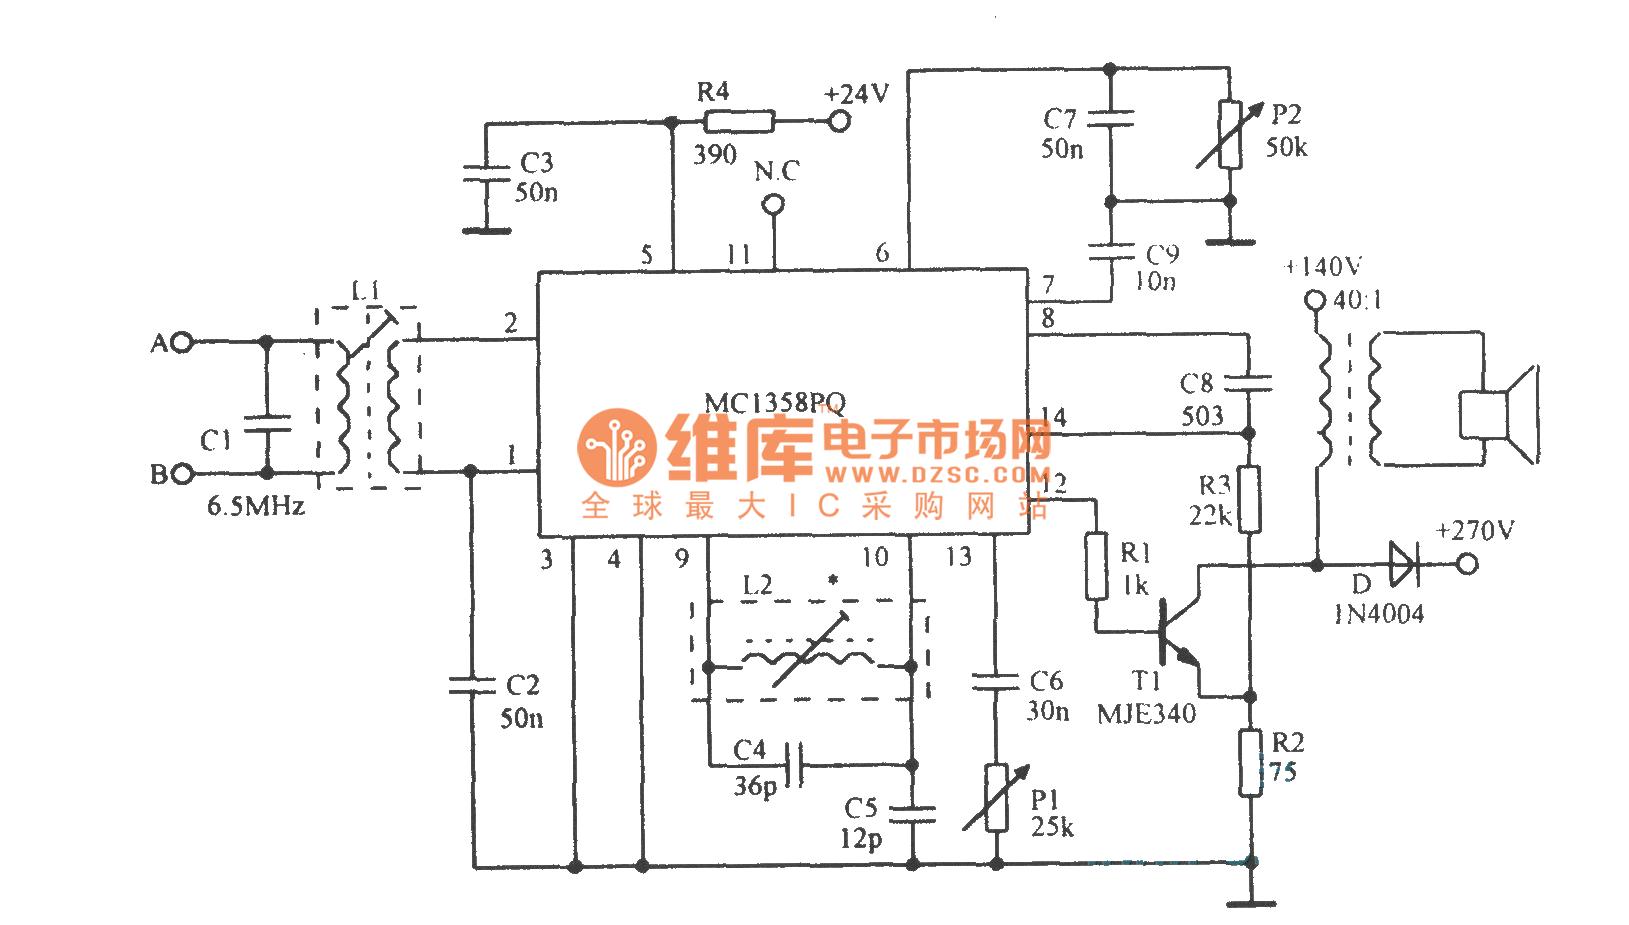 mcl358集成电路内含中频线性放大器,附加功率调节器,限幅器,电子控制衰减器和音频驱动等电路.